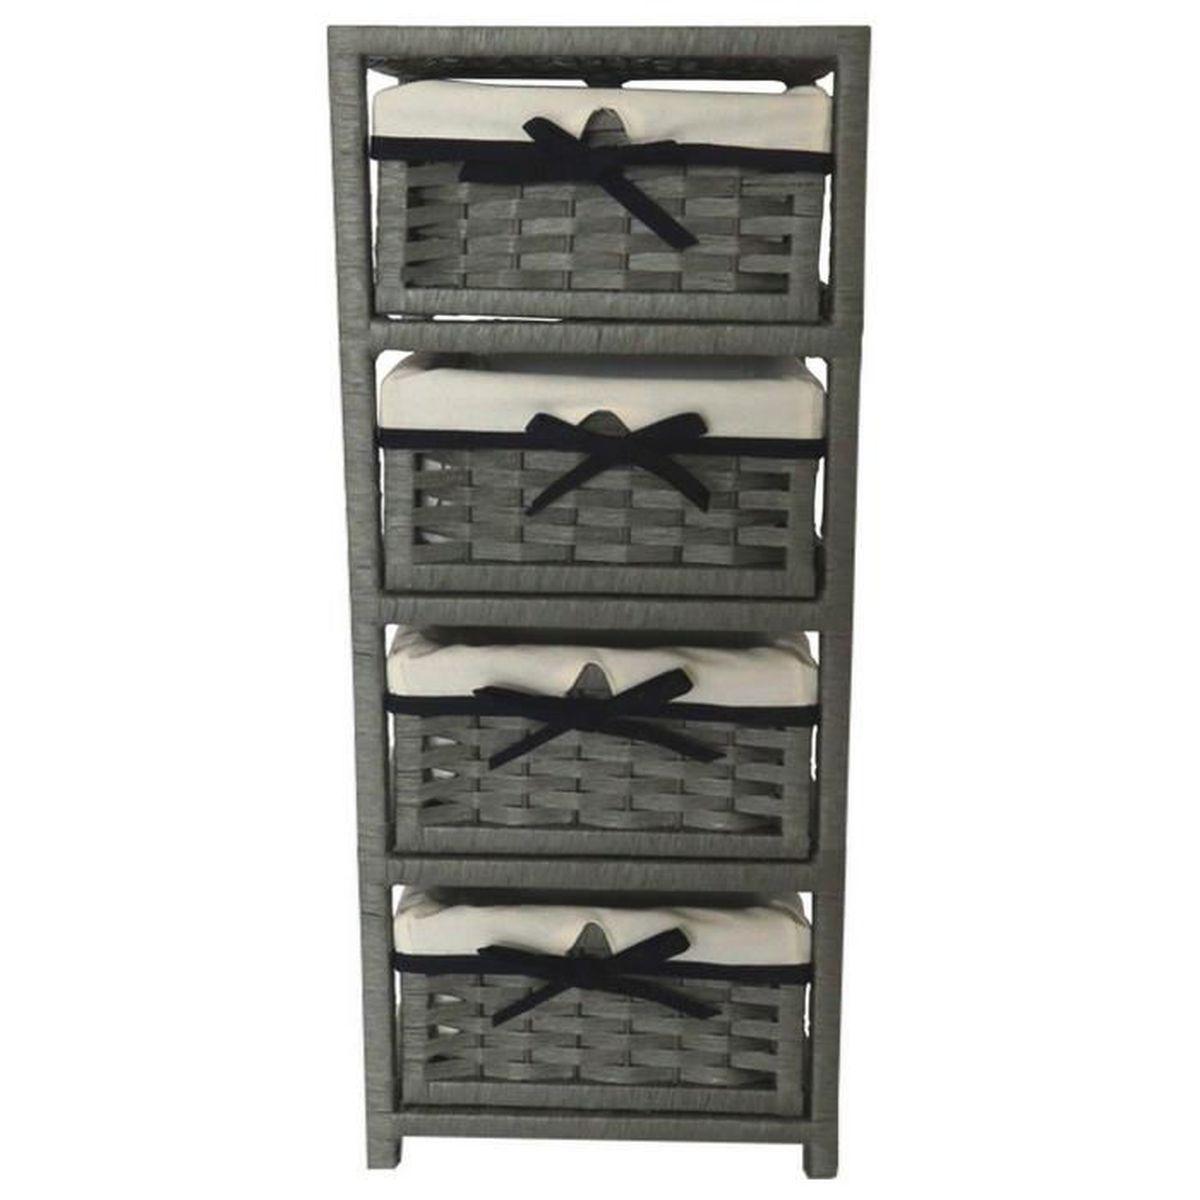 meuble colonne 4 paniers de rangement gris marron achat vente petit meuble rangement meuble. Black Bedroom Furniture Sets. Home Design Ideas